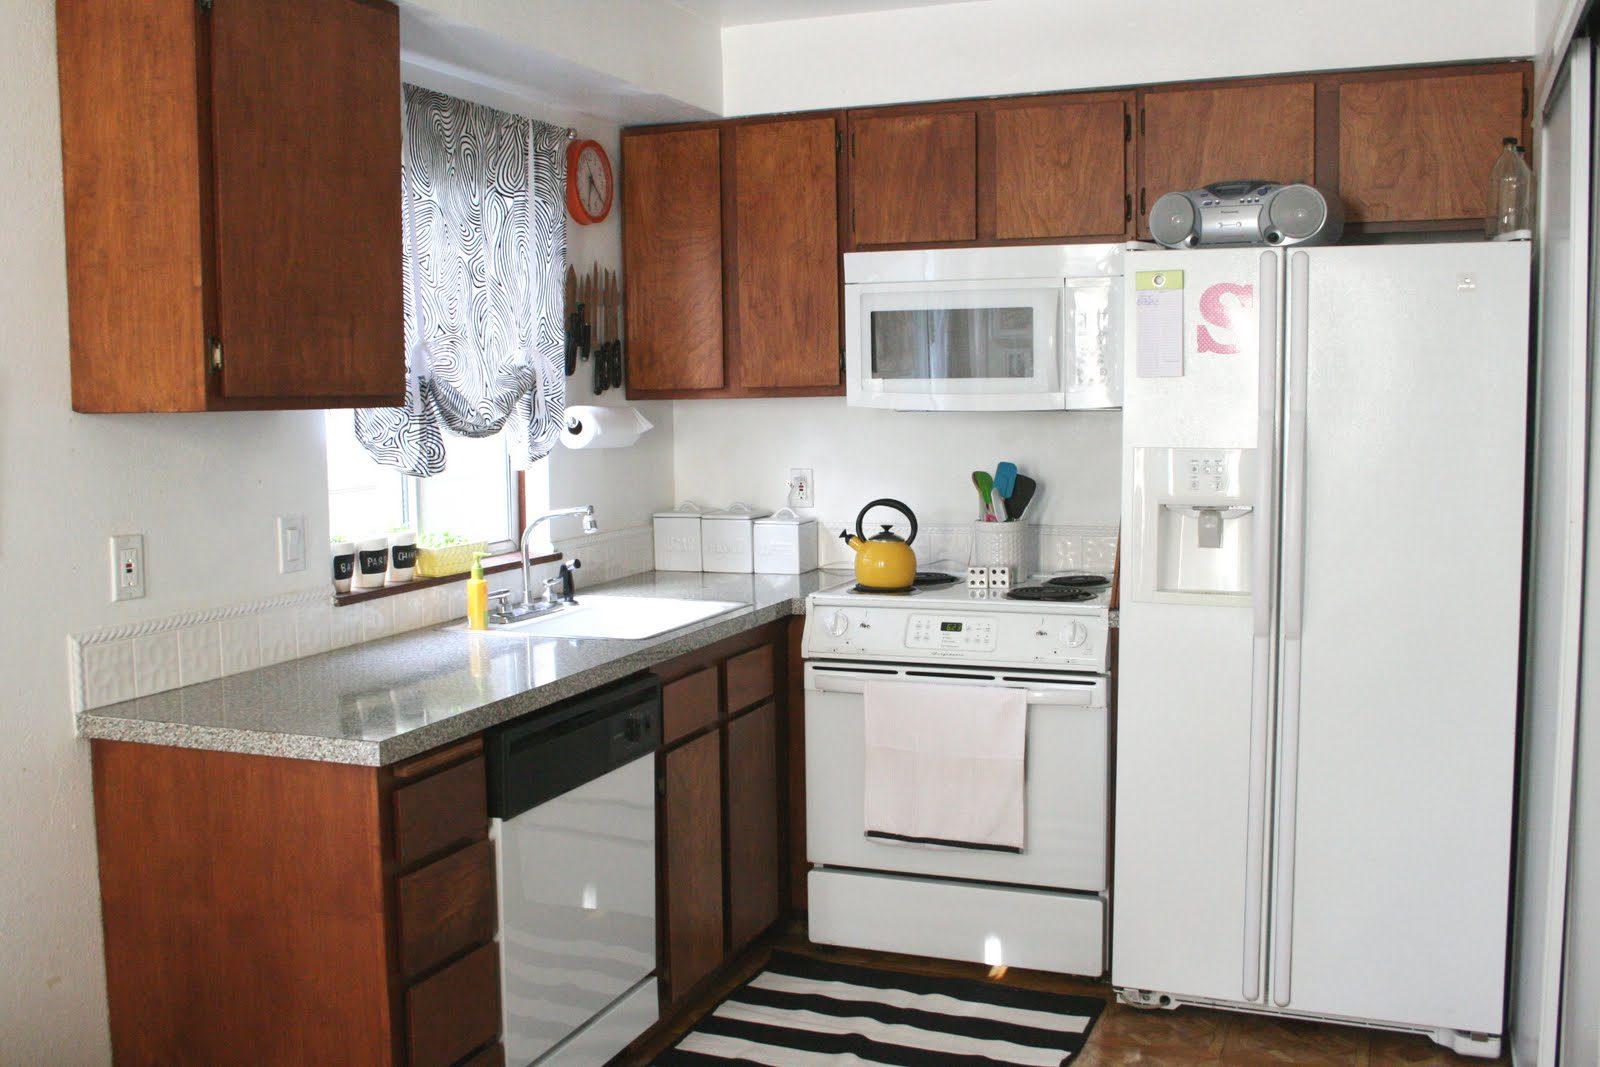 Instalaciones Eléctricas Residenciales: 6 habitaciones reguladas por ...